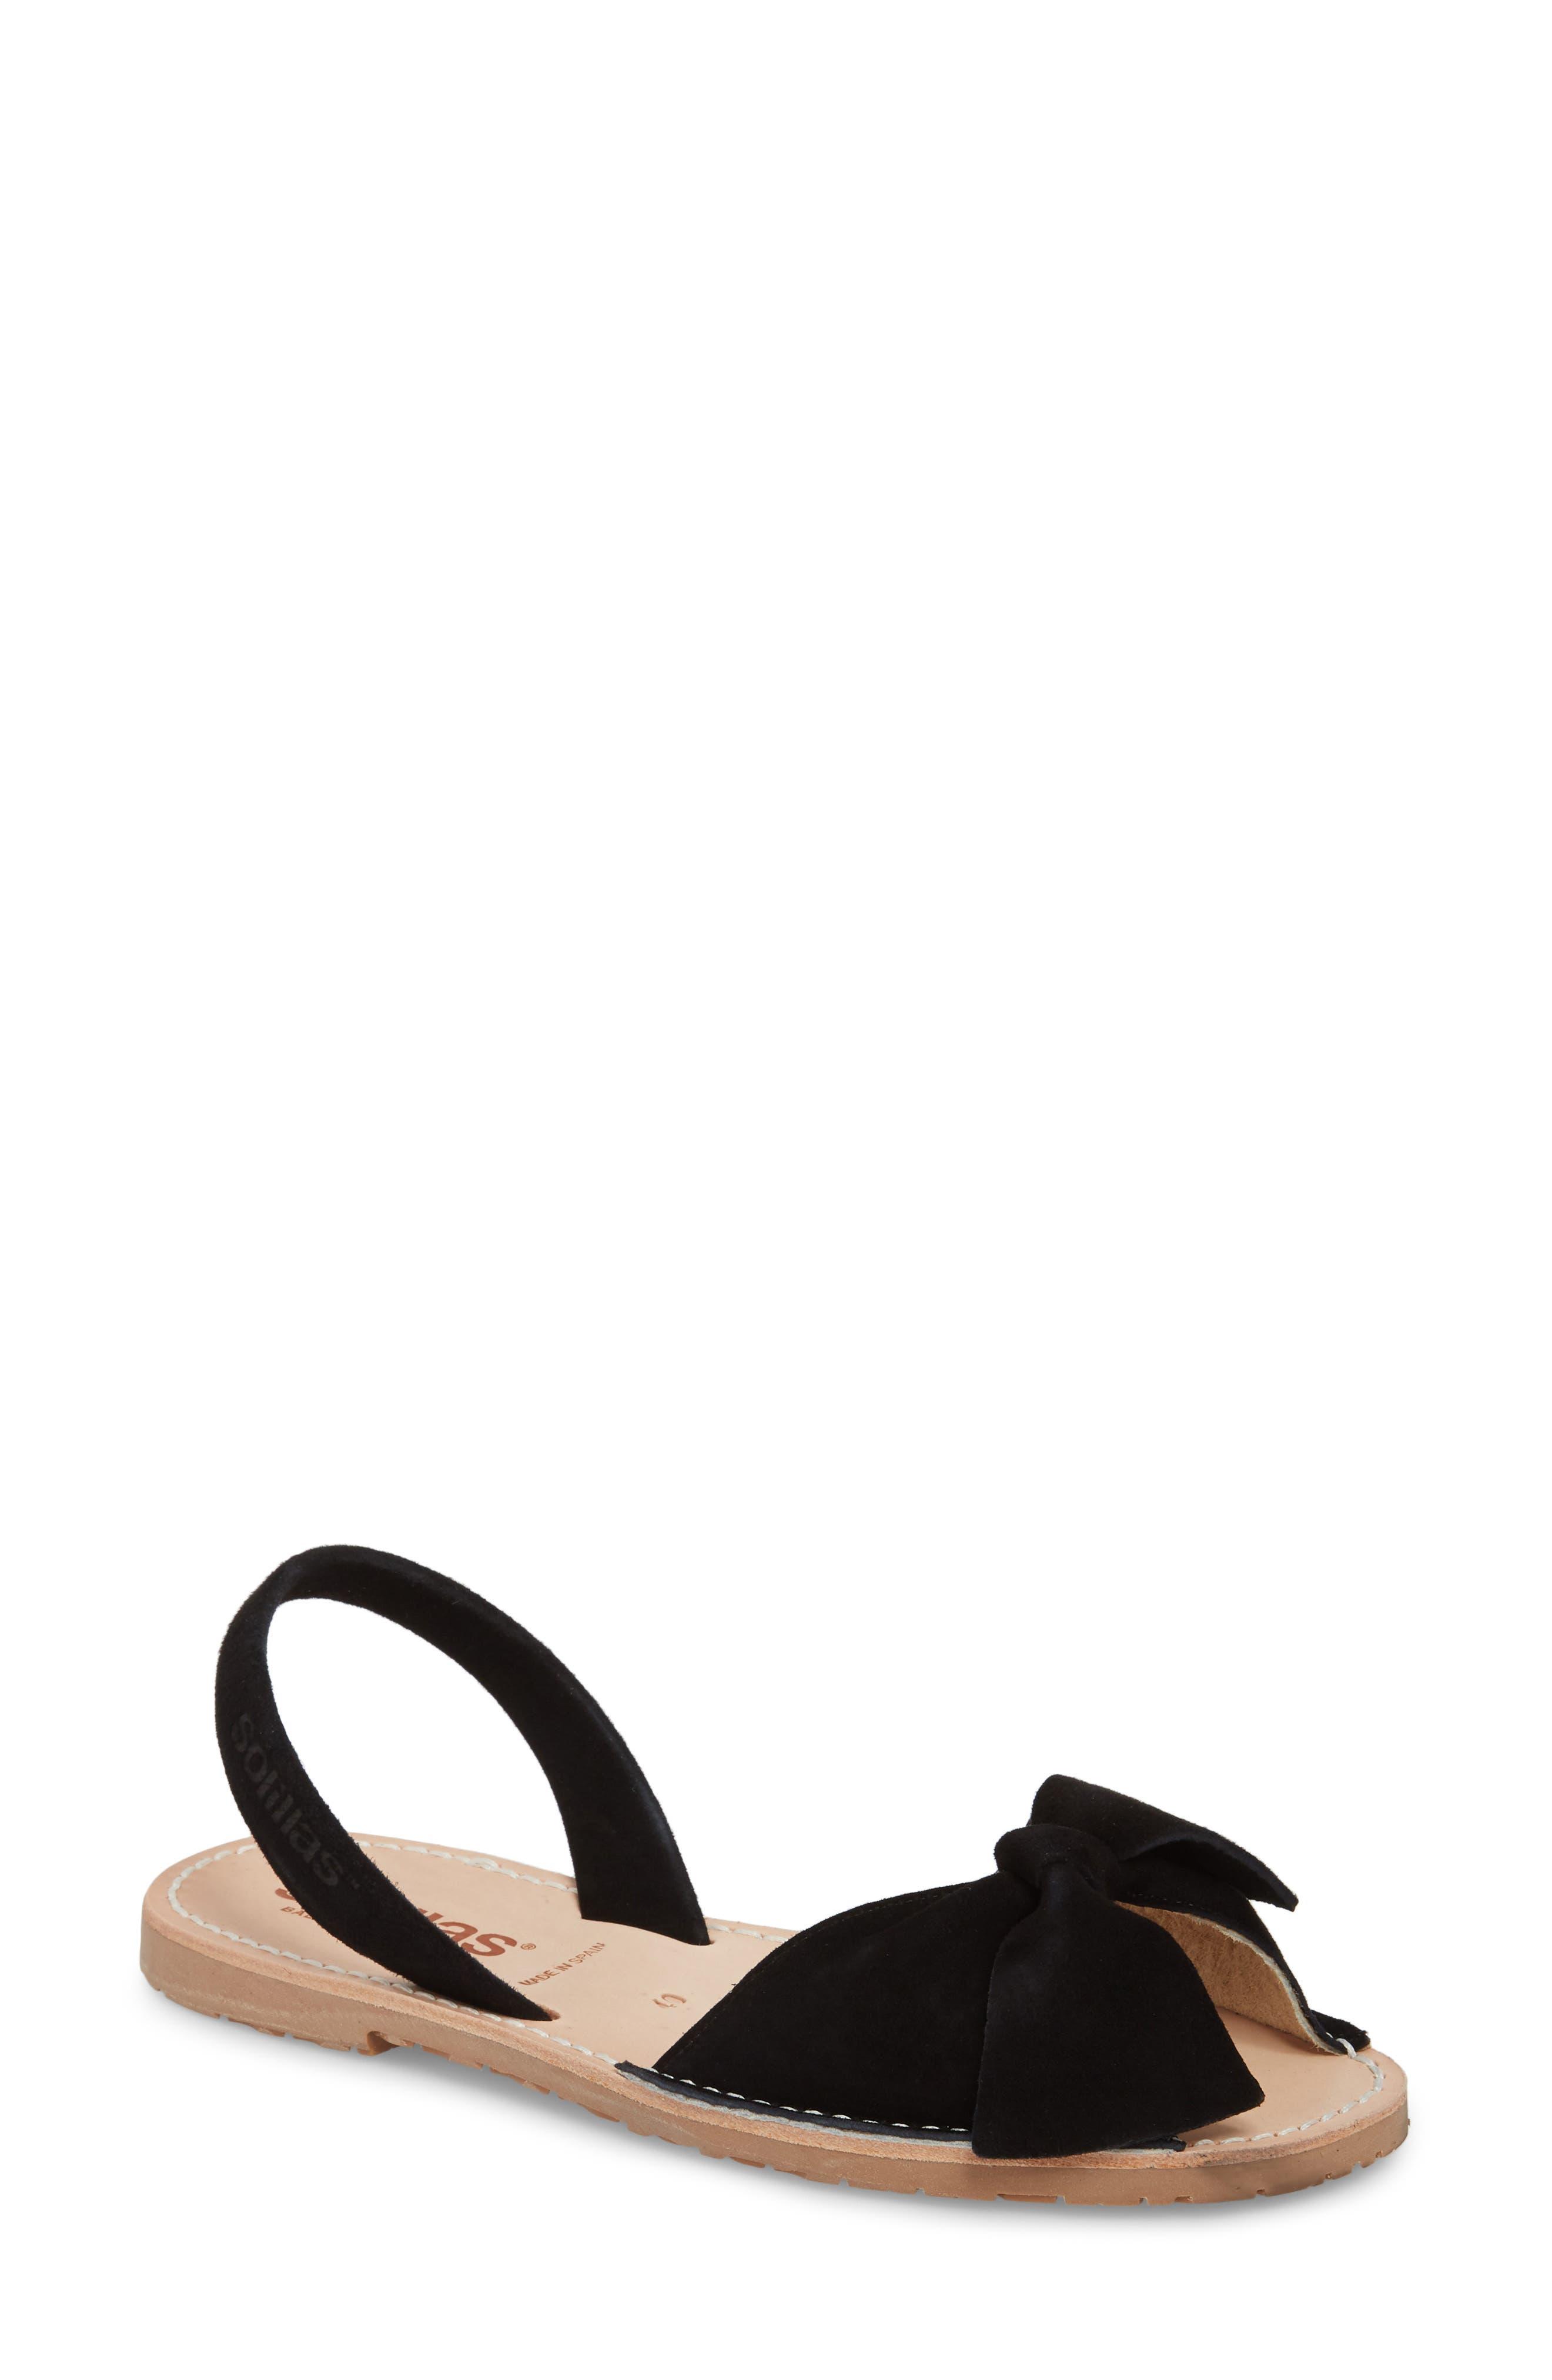 Bow Sandal,                             Main thumbnail 1, color,                             BLACK